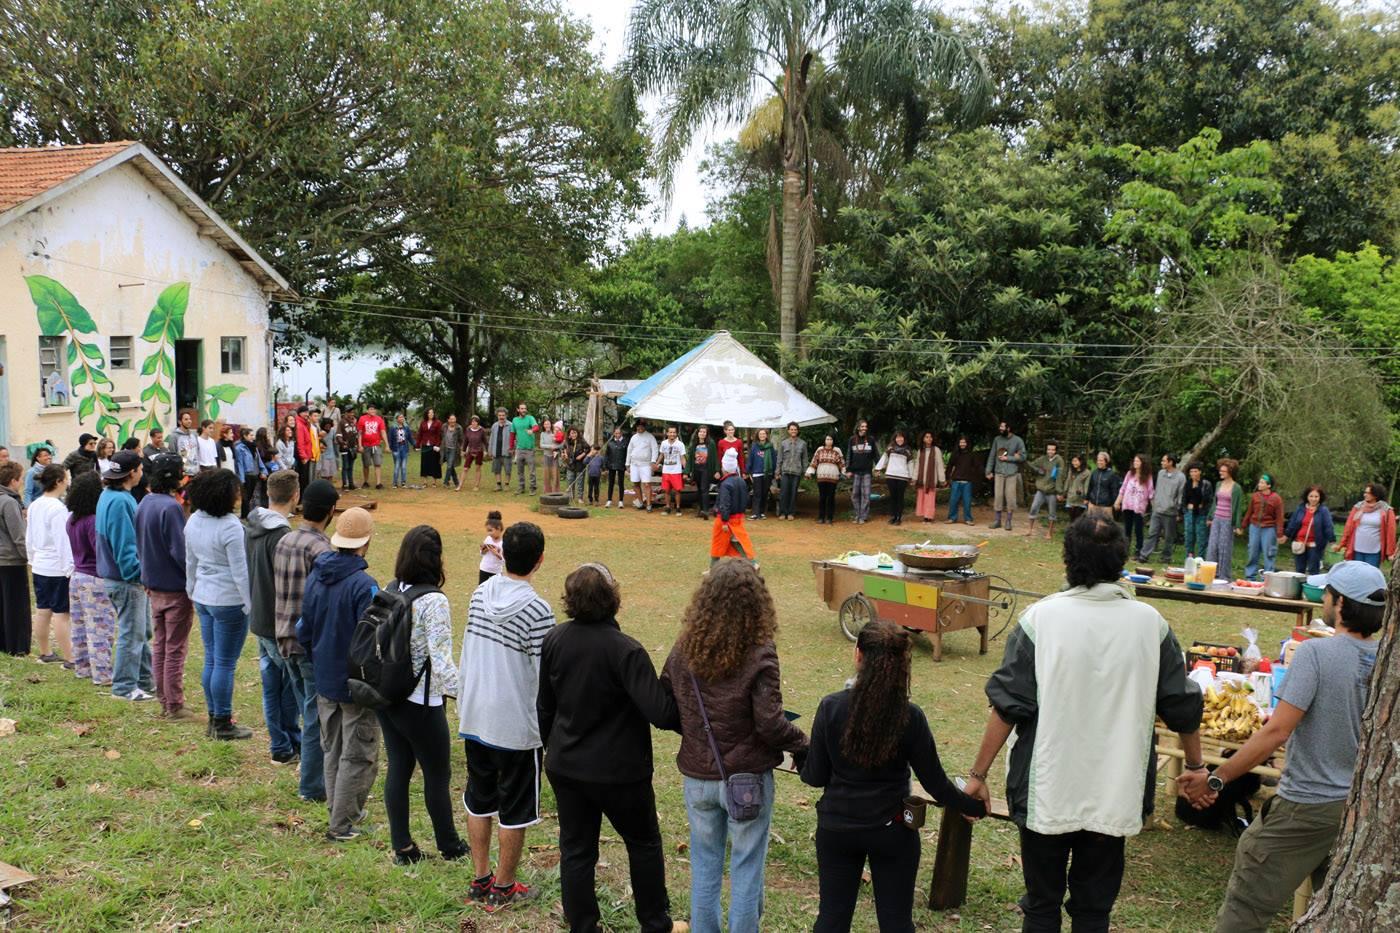 Na Ilha do Bororé, zona sul de SP, um espaço promove ecologia e cultura 2